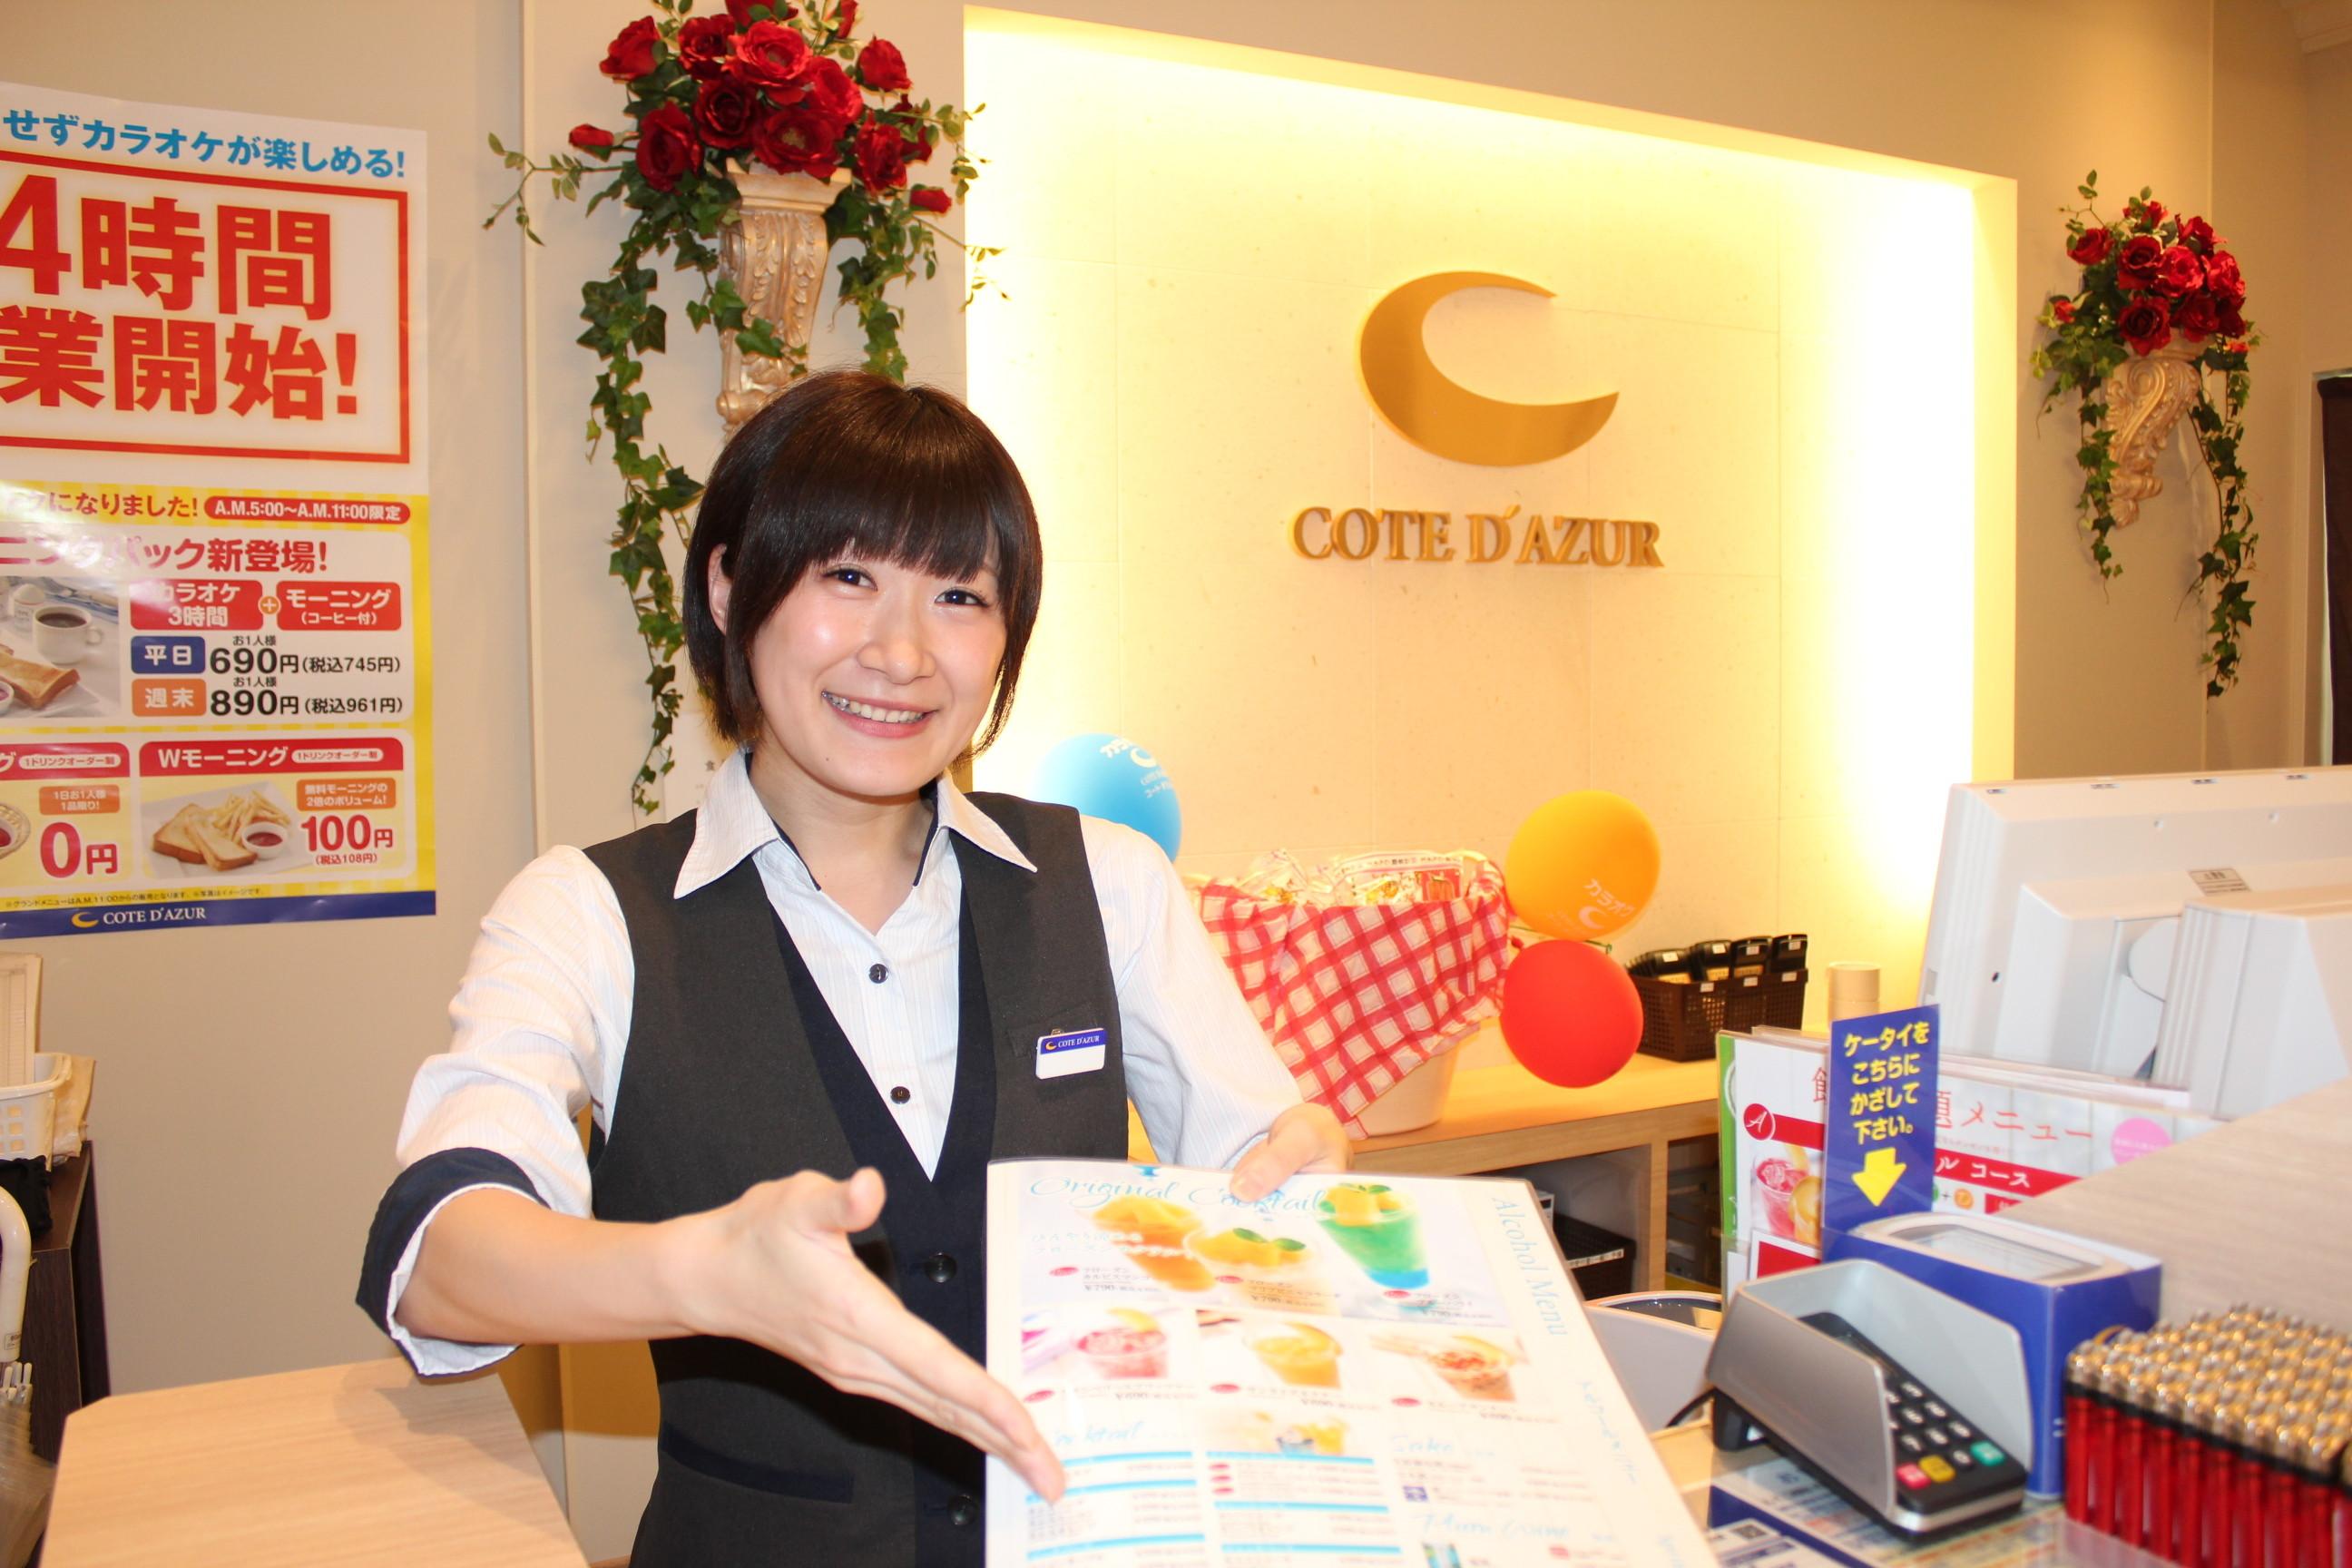 コート・ダジュールダイニング 新横浜店のアルバイト情報